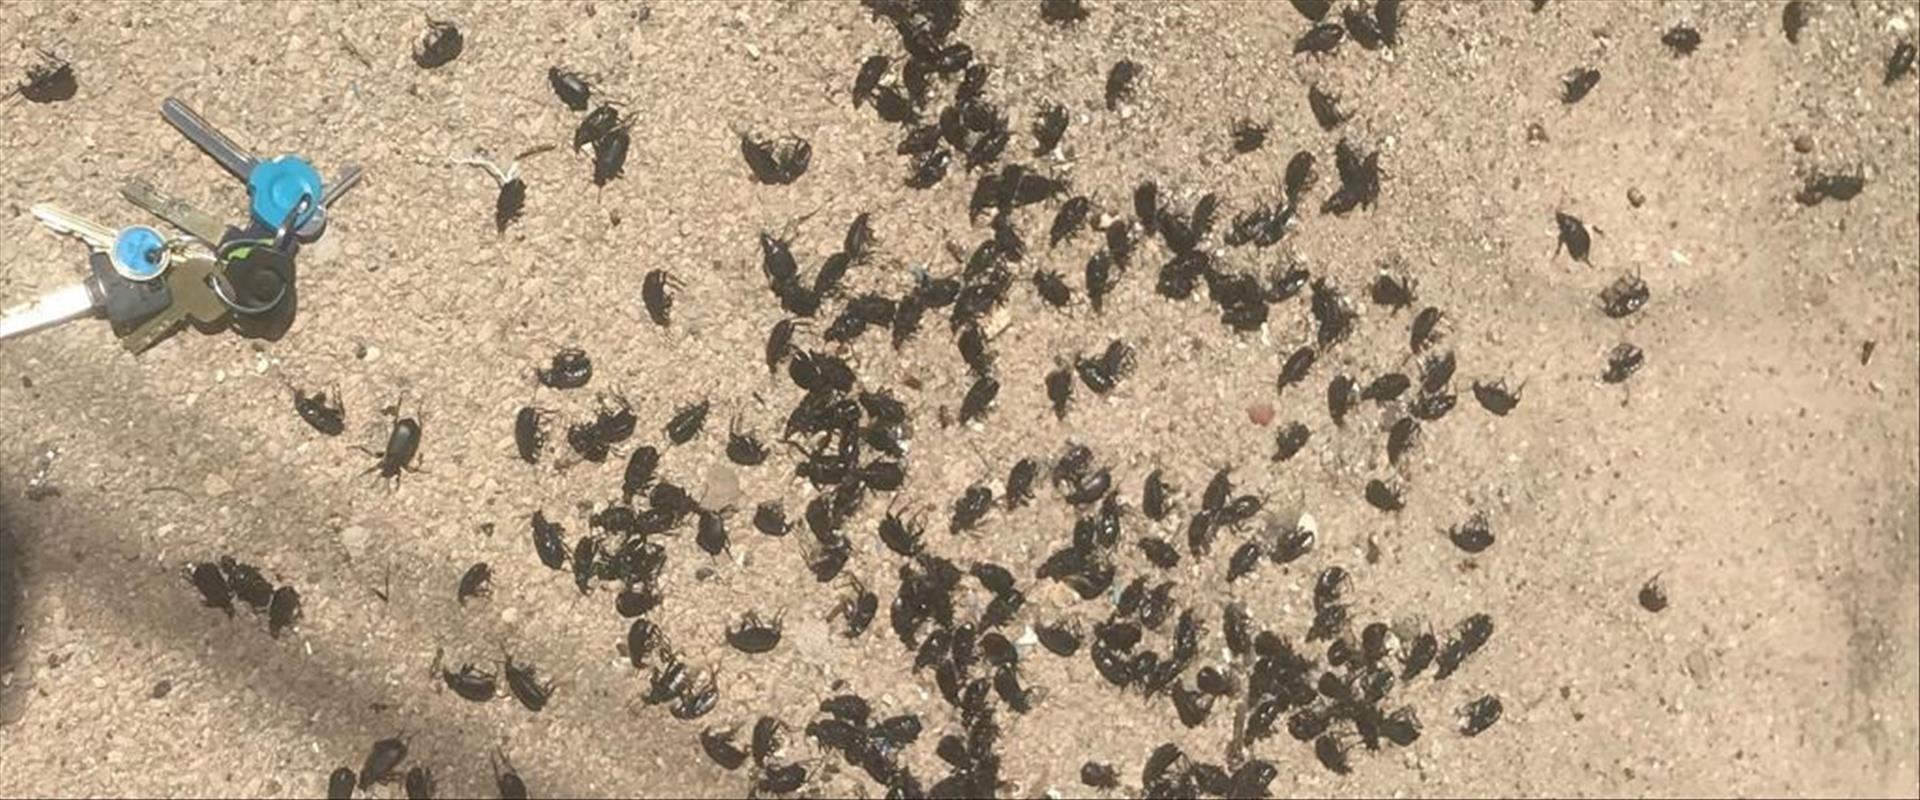 החיפושיות השחורות בחוף באשדוד